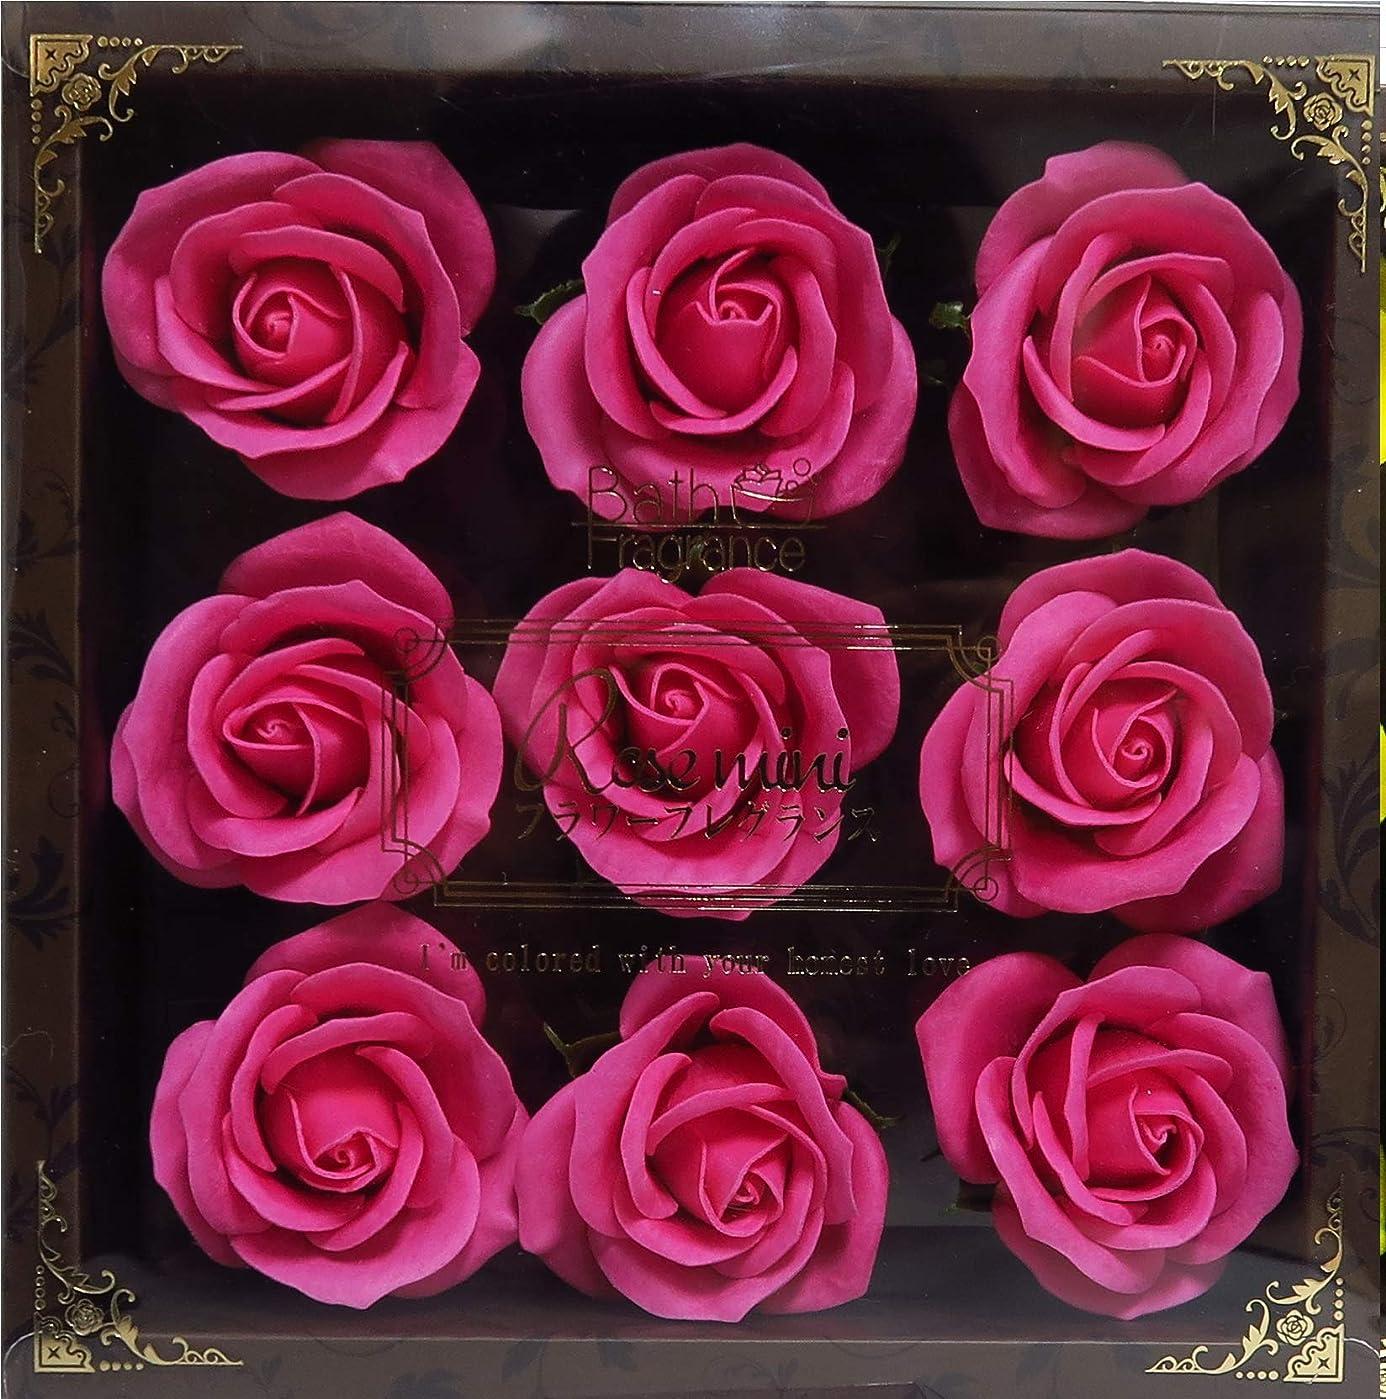 ウサギ悔い改める成長するバスフレグランス バスフラワー ミニローズフレグランス(L)ローズピンク お花の形の入浴剤